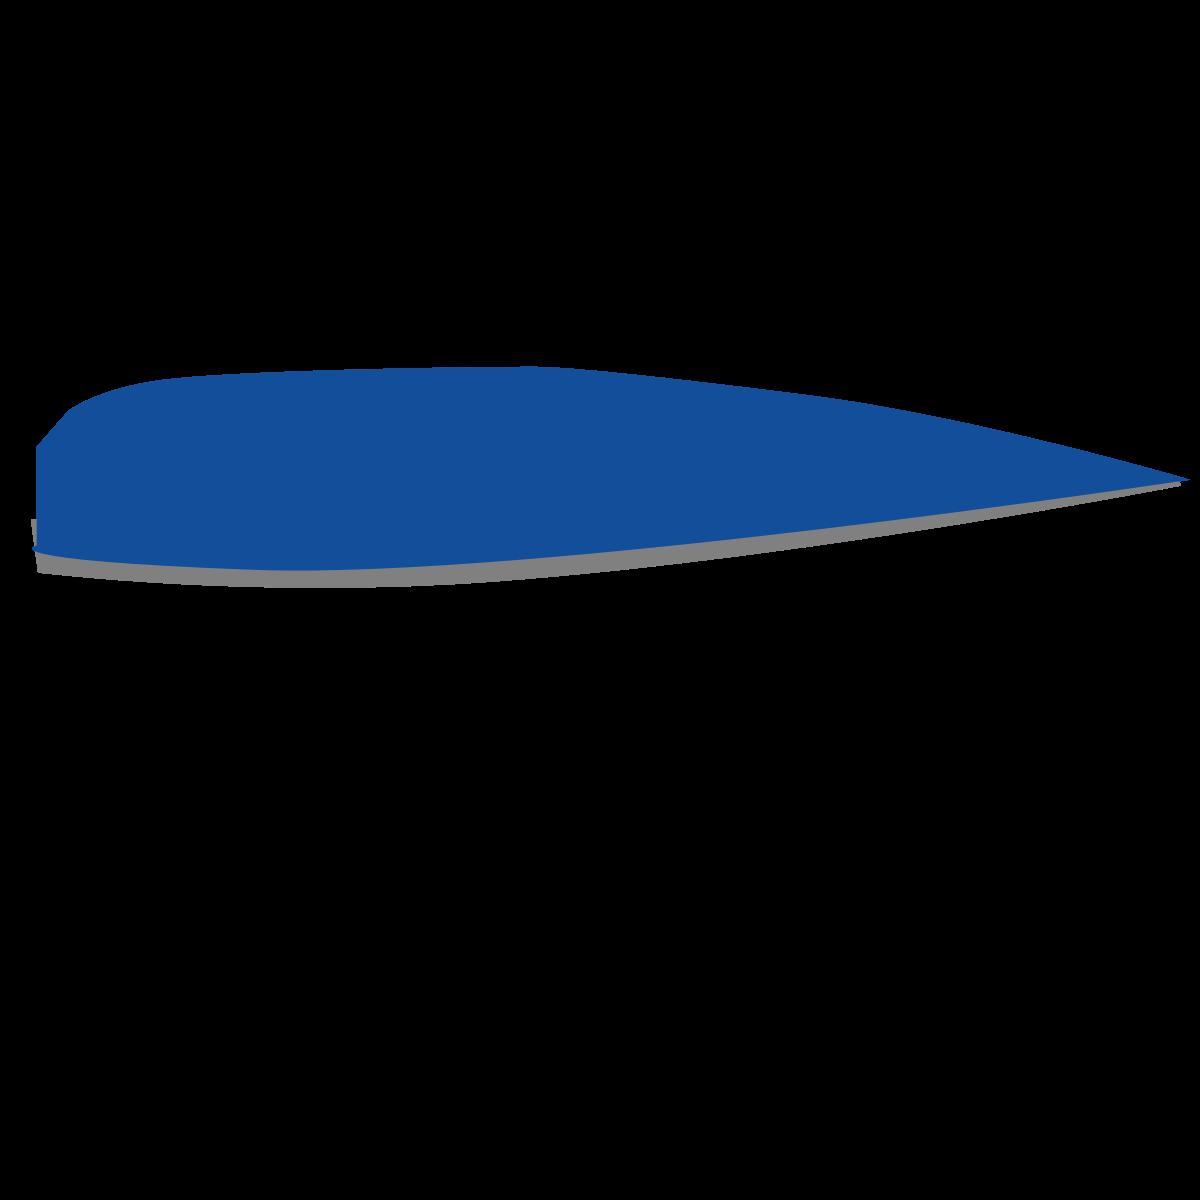 honda private jet concept 3d model 3ds fbx blend dae lwo obj 218232